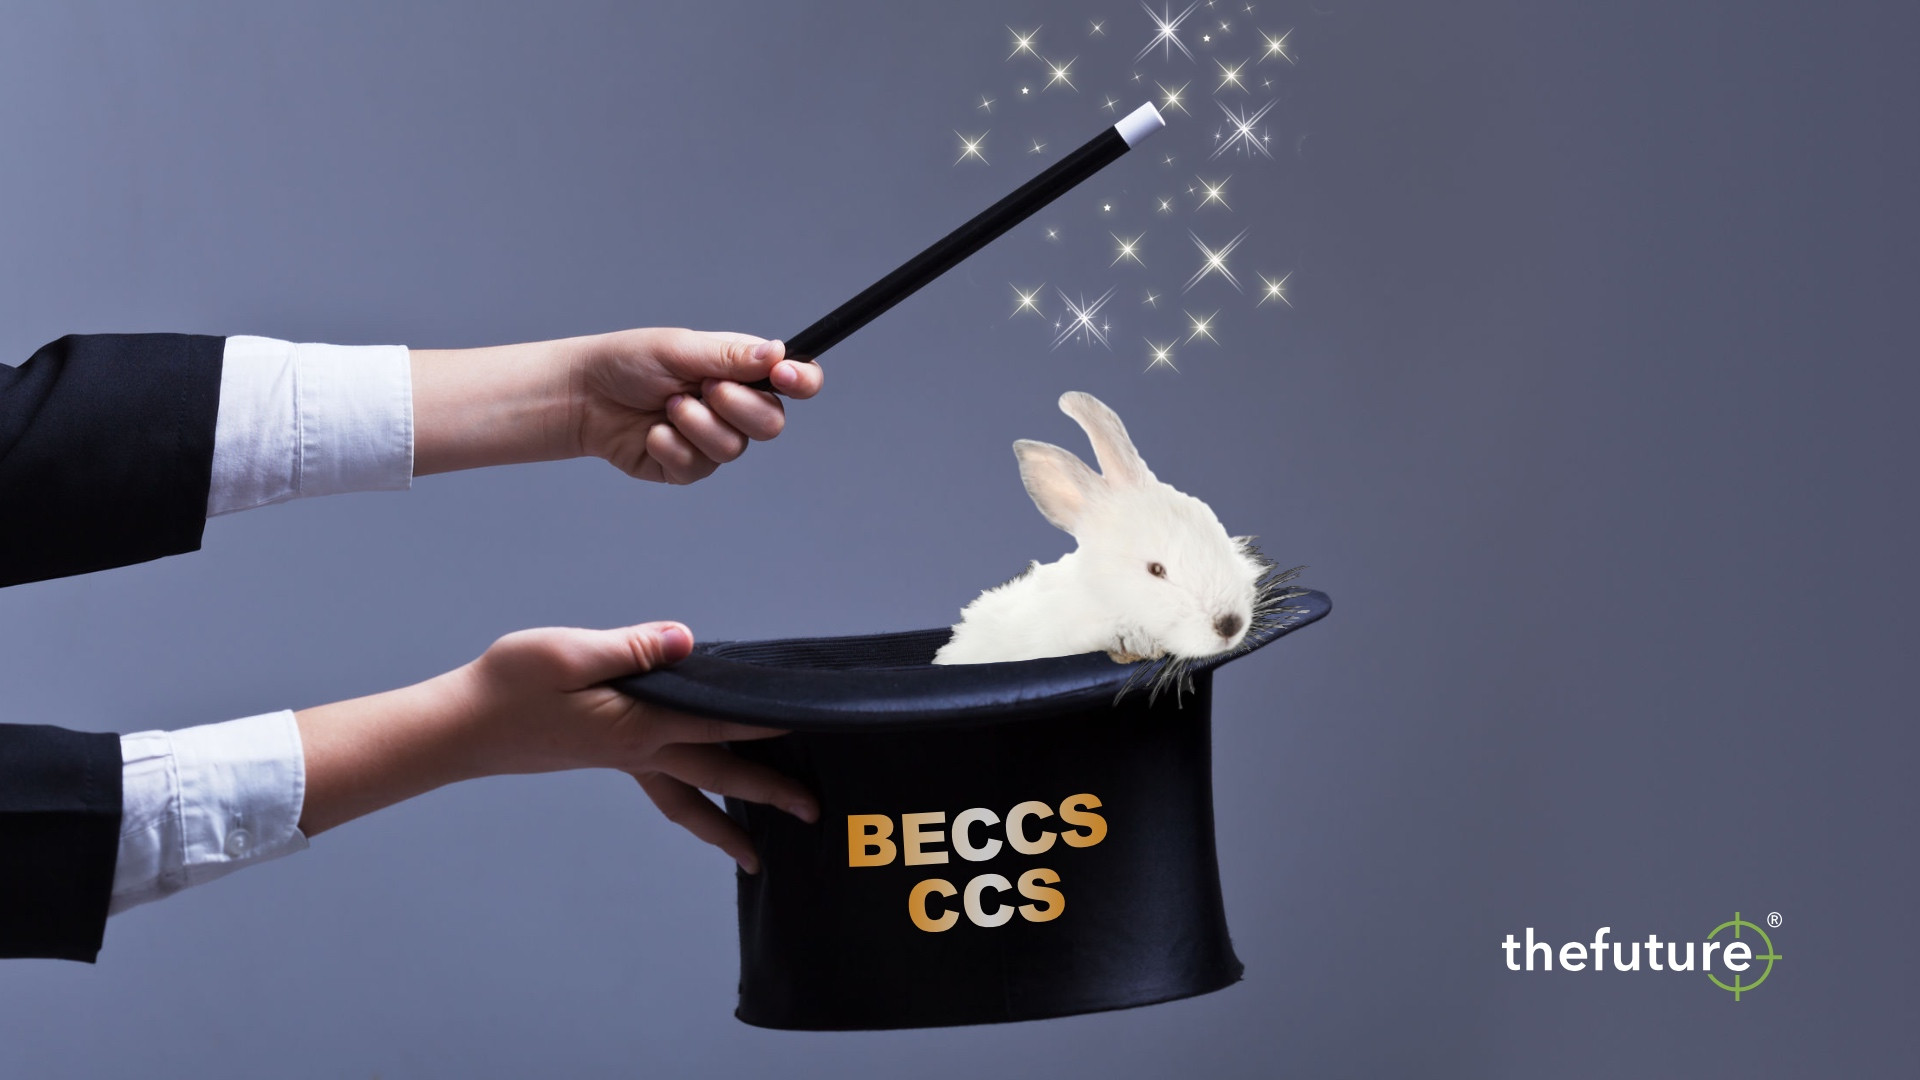 thefuture, blogg, BECCS+CCS